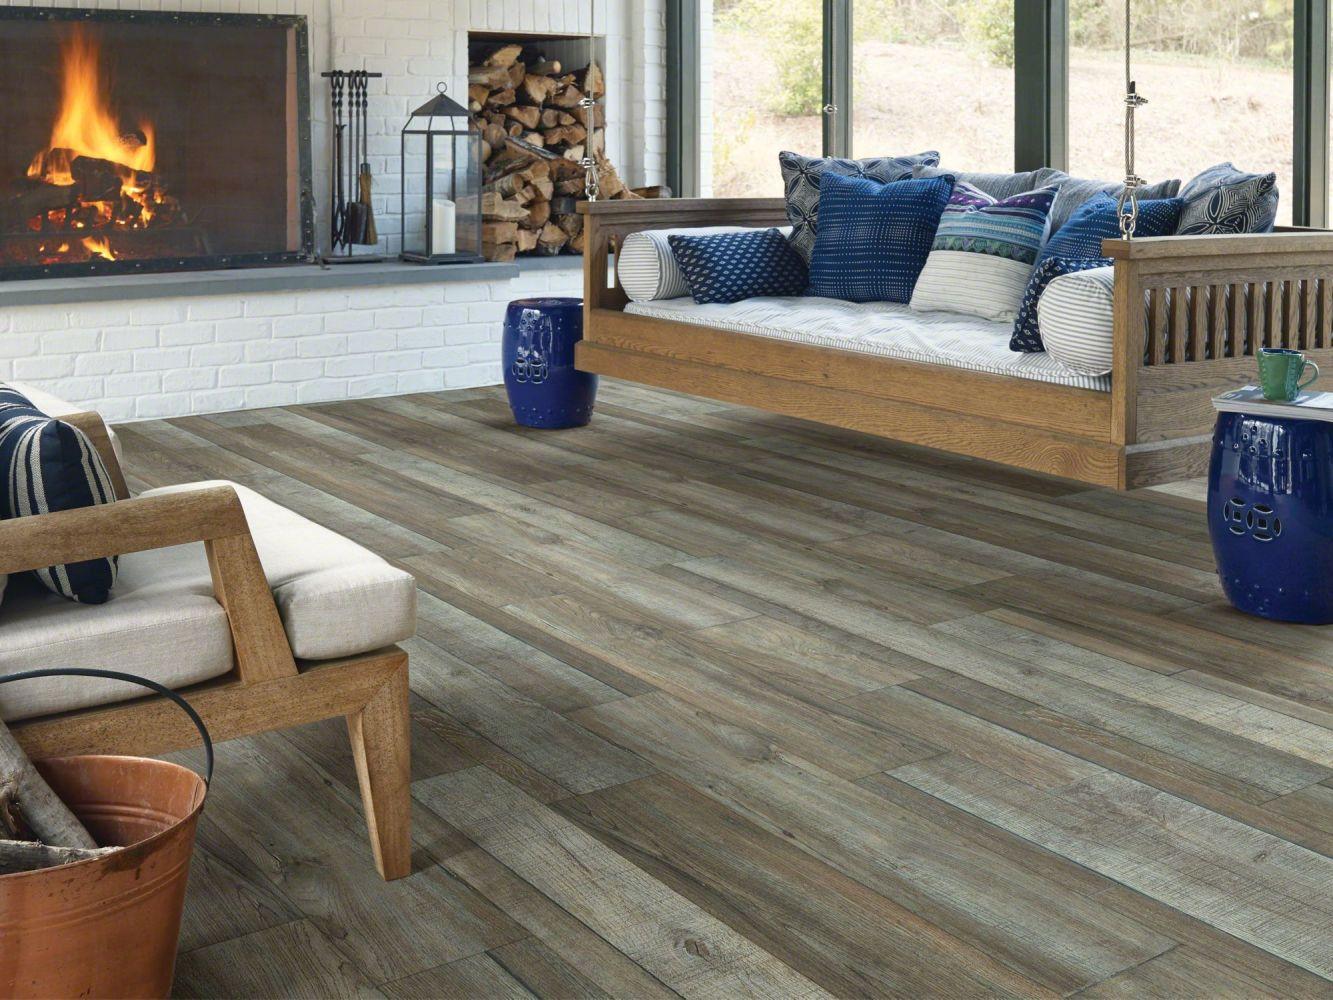 Shaw Floors Resilient Residential Mojave HD Plus Pergolato 05043_0461V